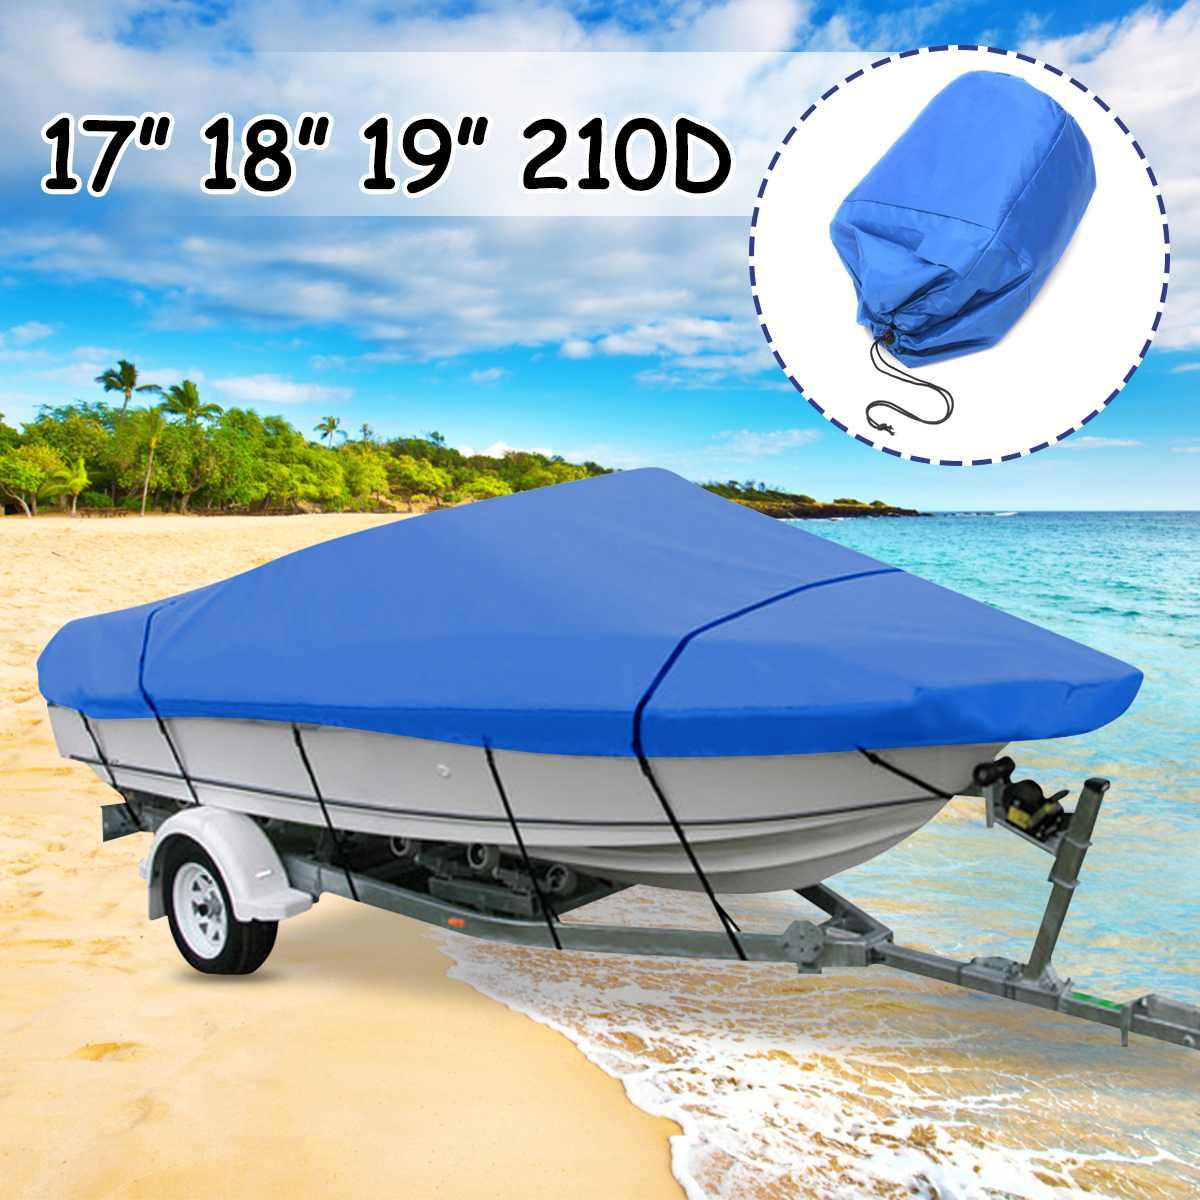 Морской синий экстра Тяжелая лодка для Speedboat Cover 171819 водостойкая Рыбалка Лыжный бас V-Hull 210D